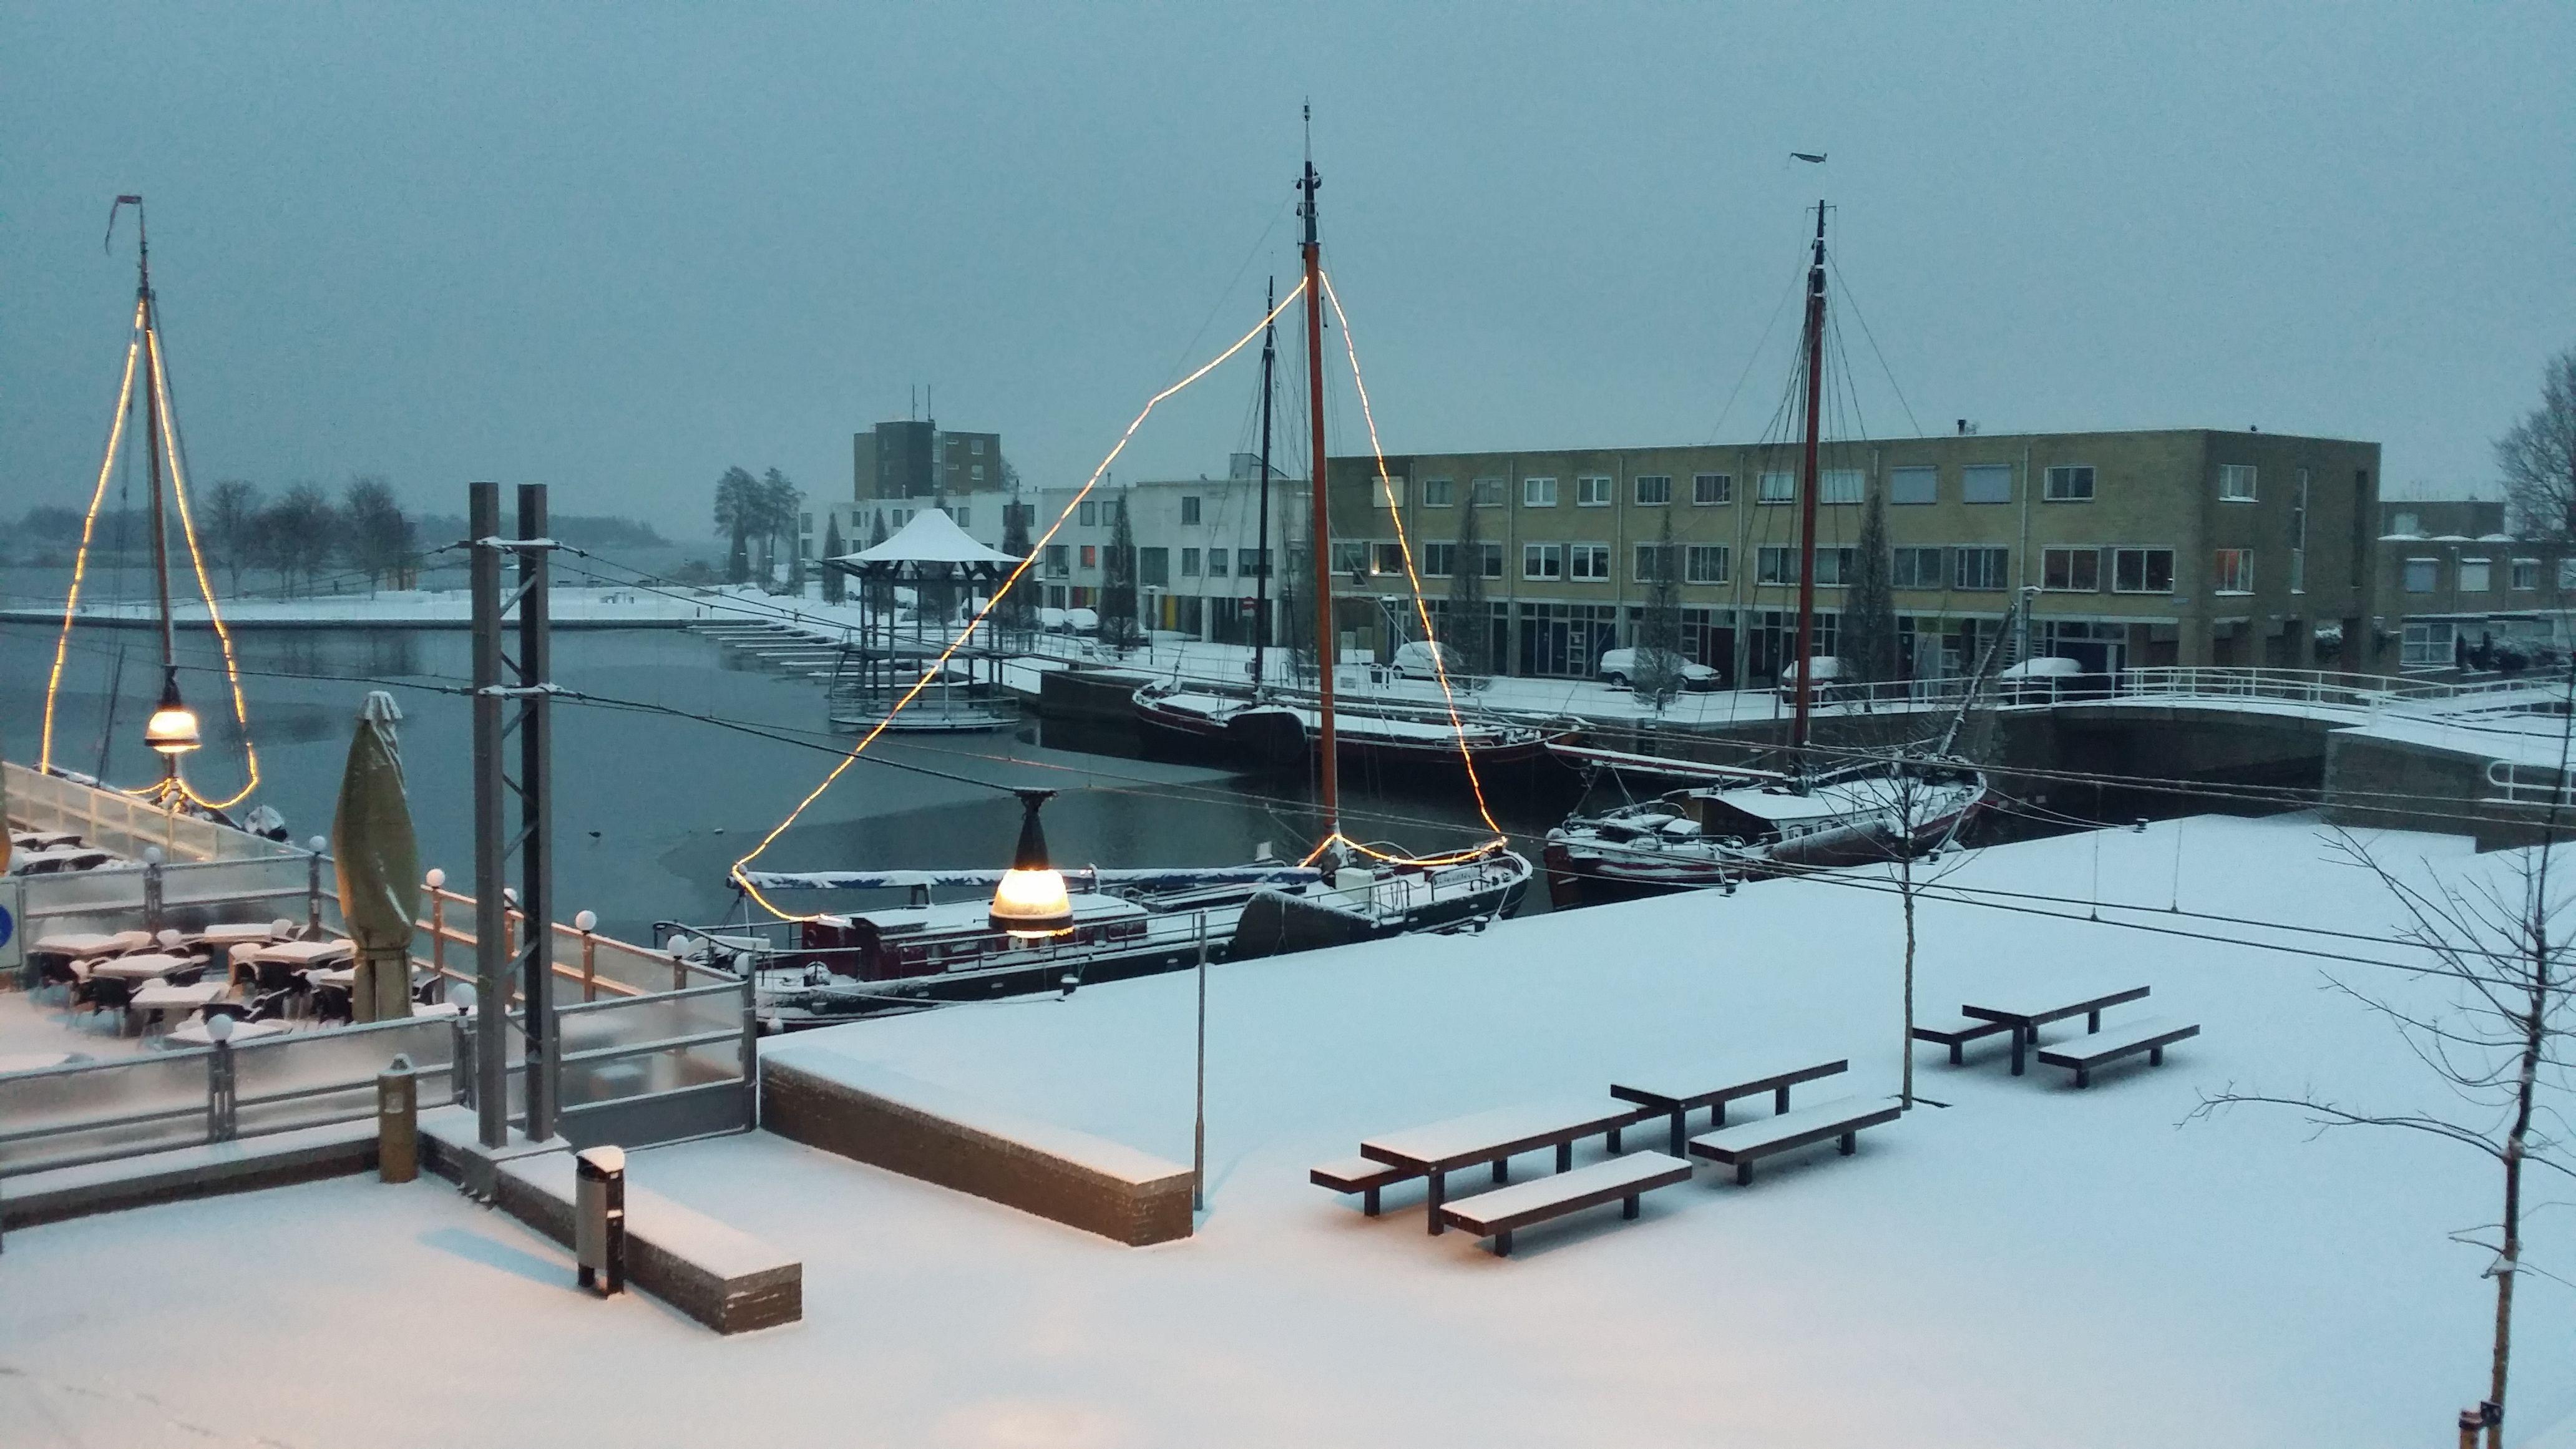 Een winterse impressie uit de haven van Zeewolde.